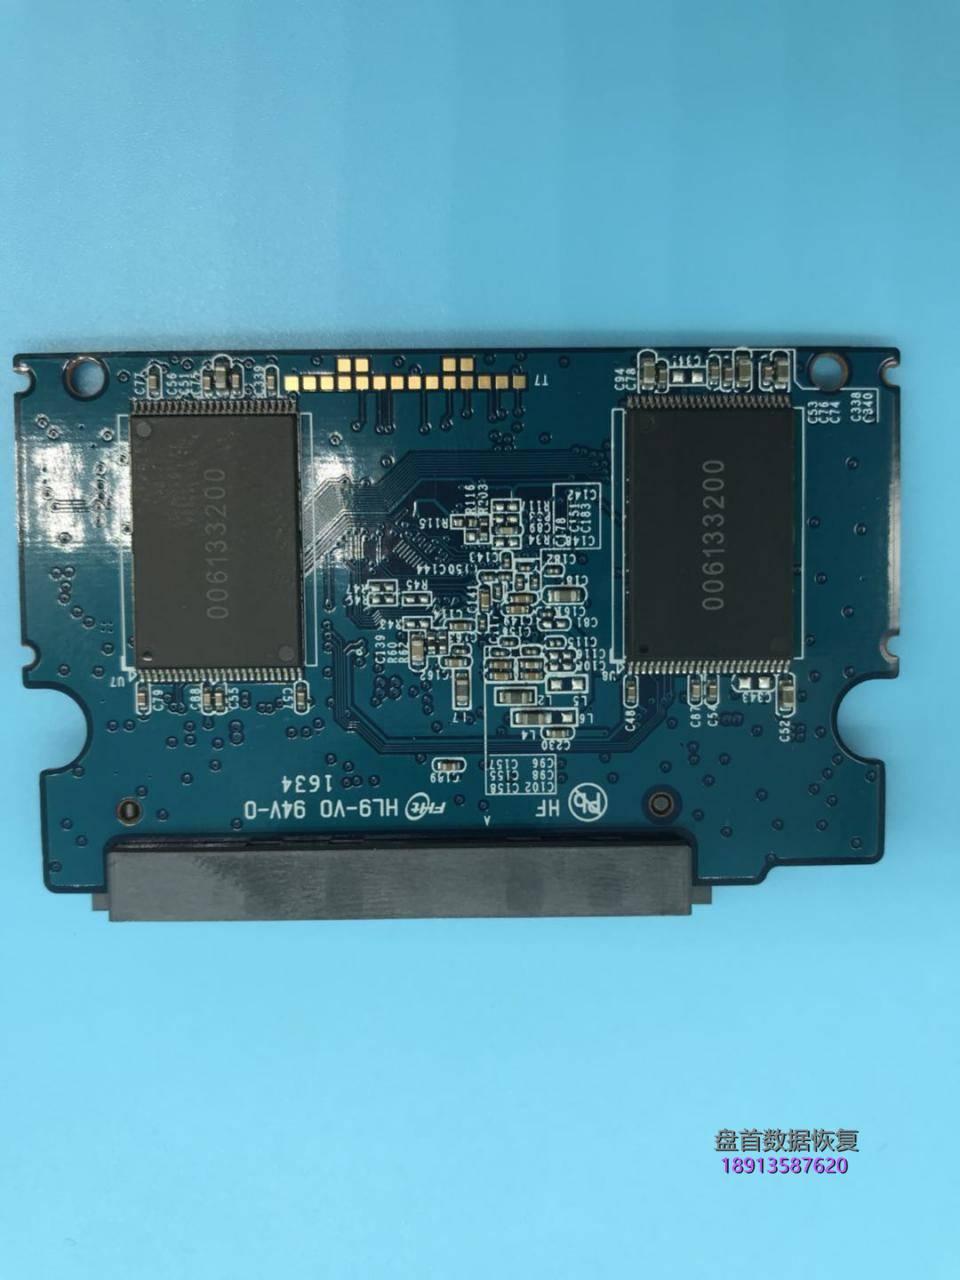 影驰120g固态硬盘识别成satafirm-s11数据恢复成功 影驰120G固态硬盘识别成SATAFIRM S11数据恢复成功